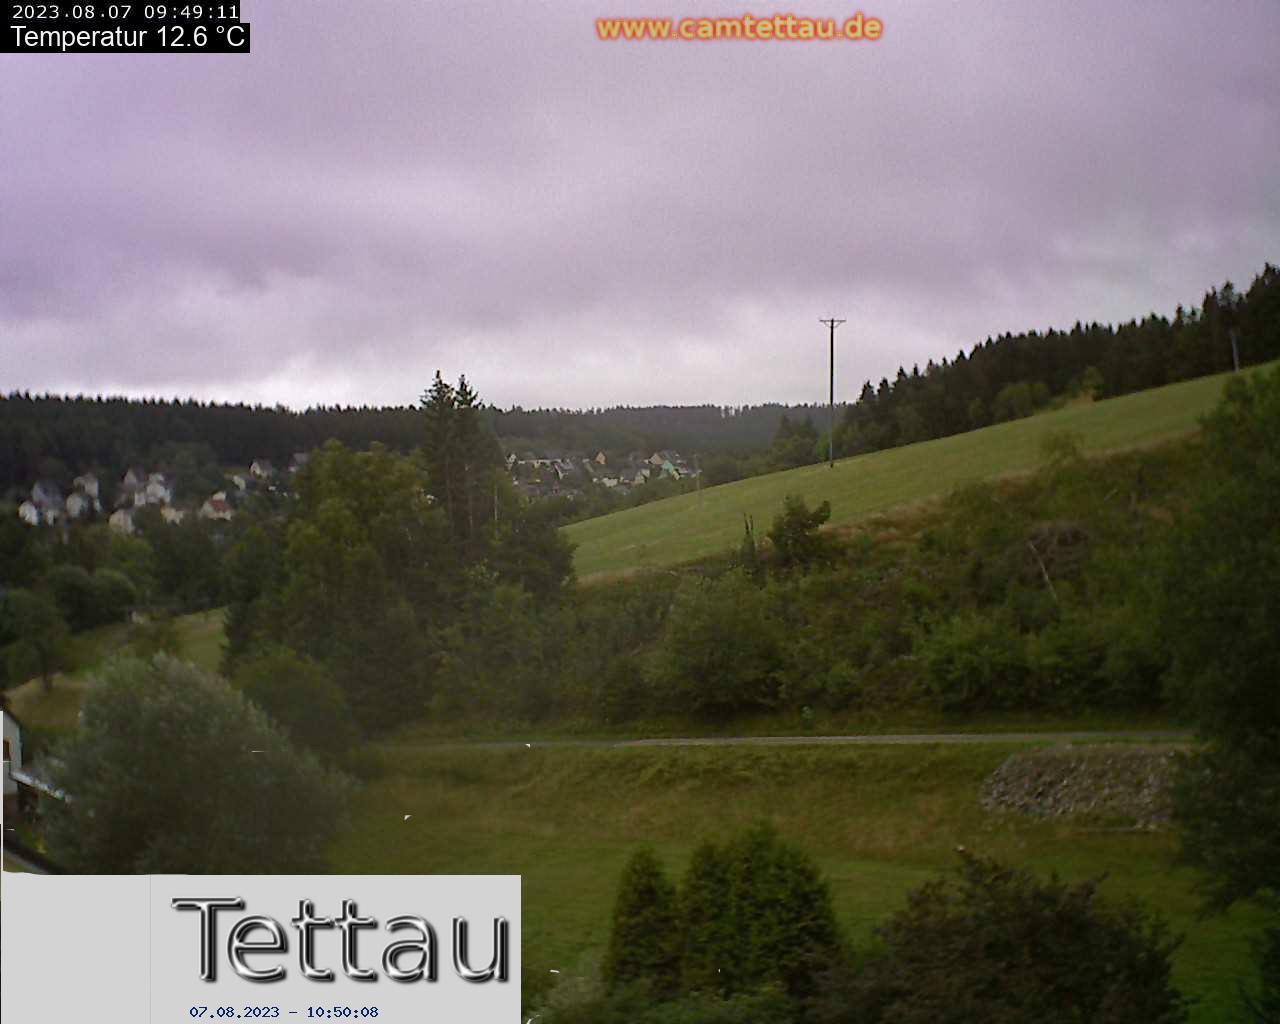 Tettau (Bavaria) Tue. 10:55